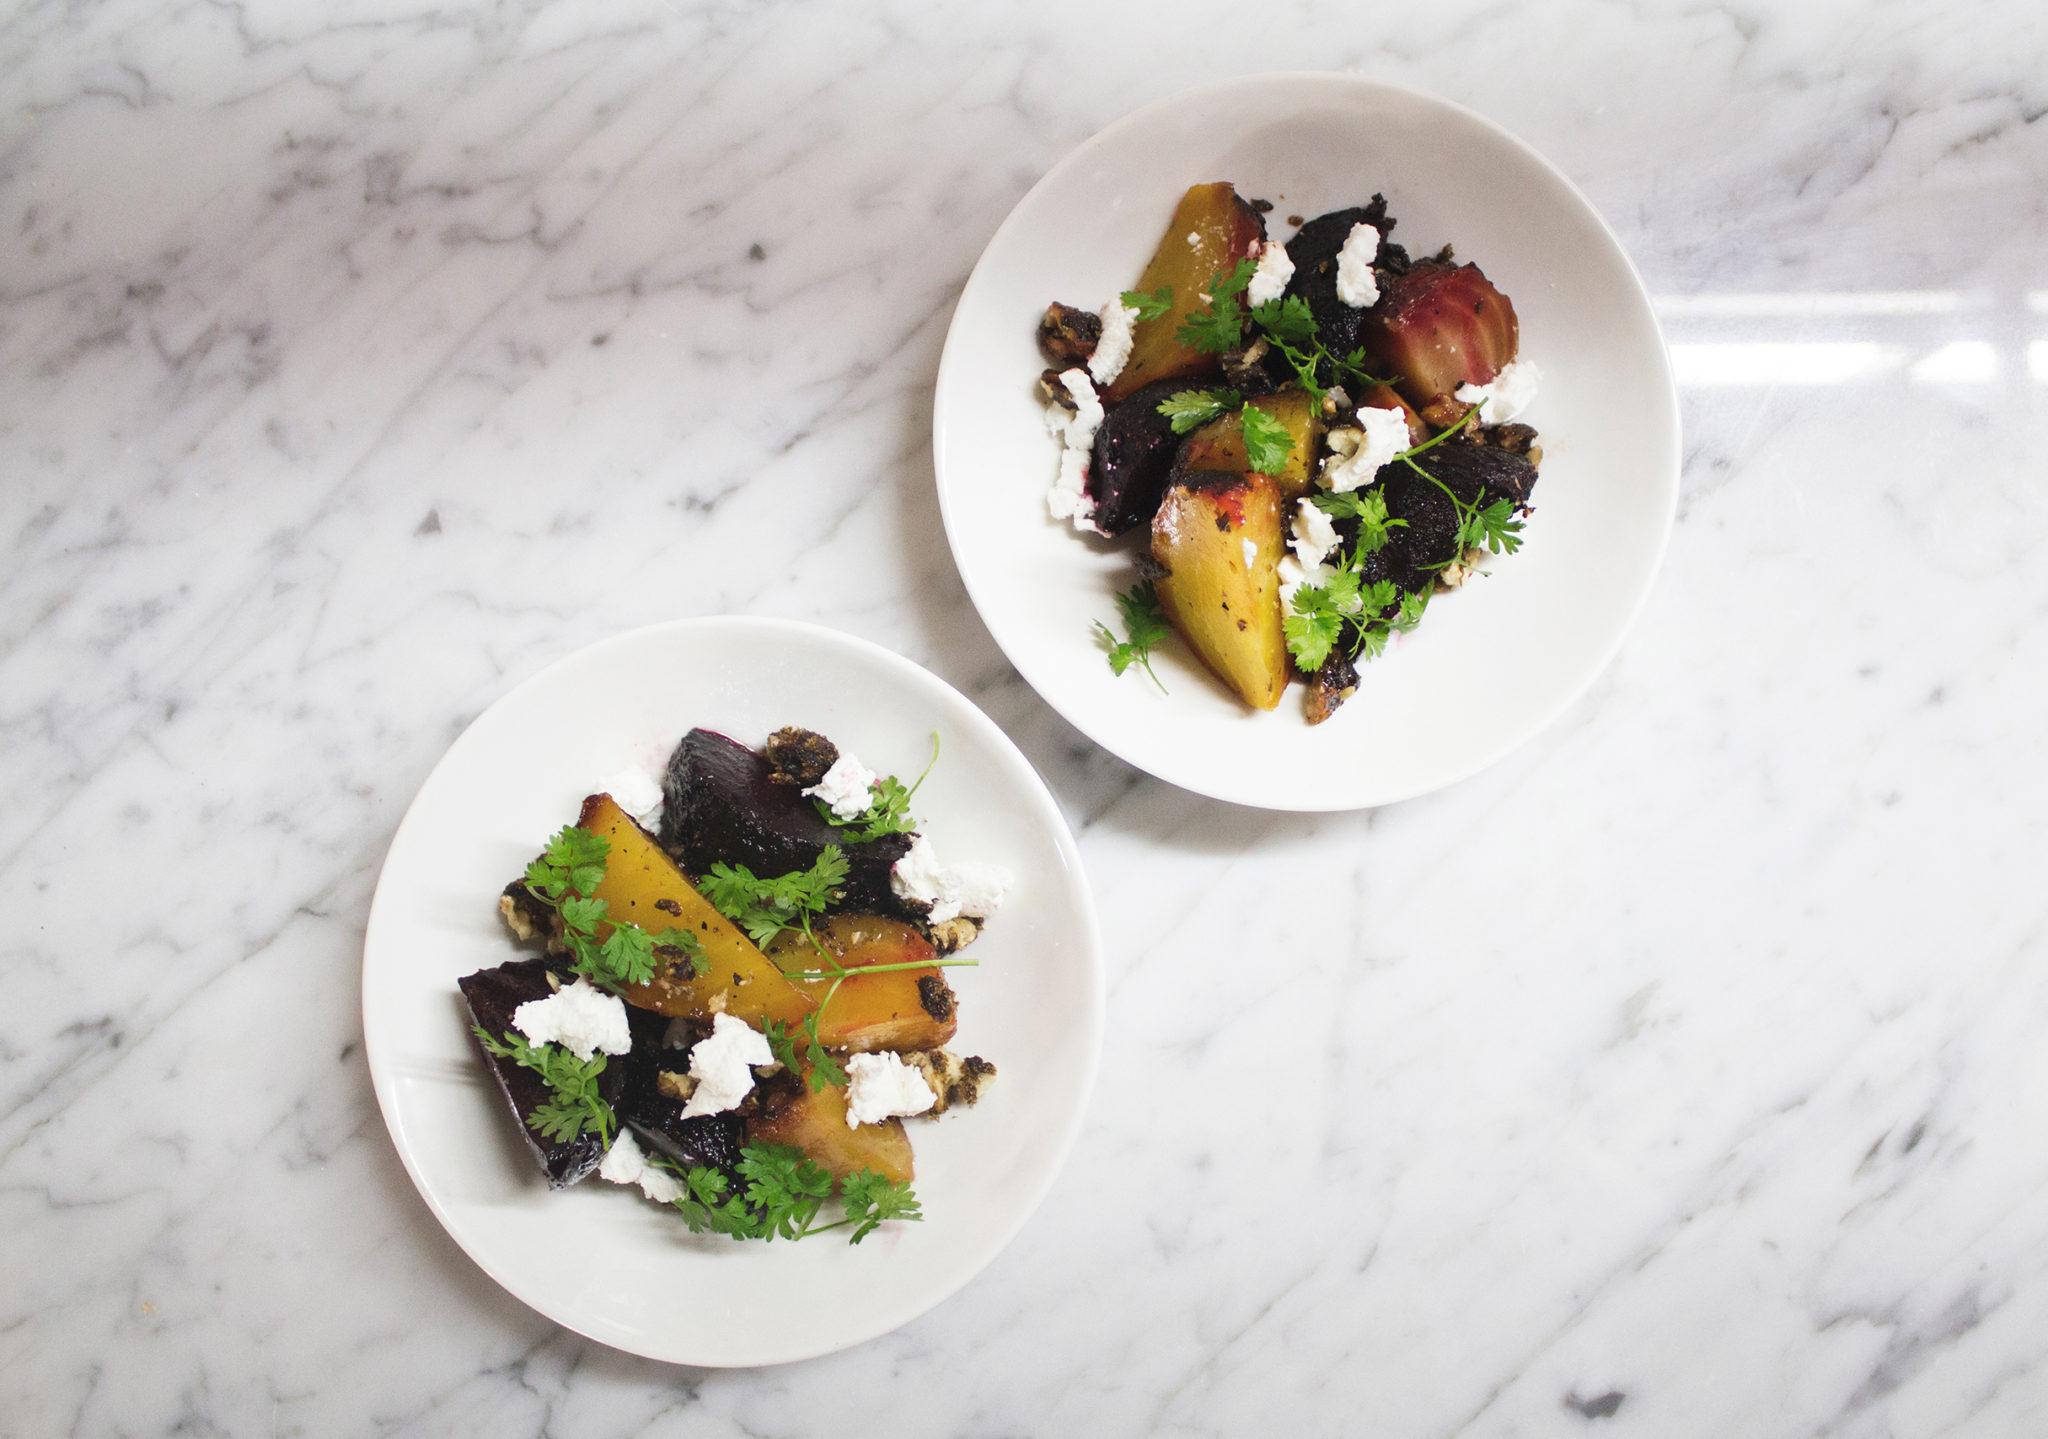 Ox Club Restaurant, Food Plates